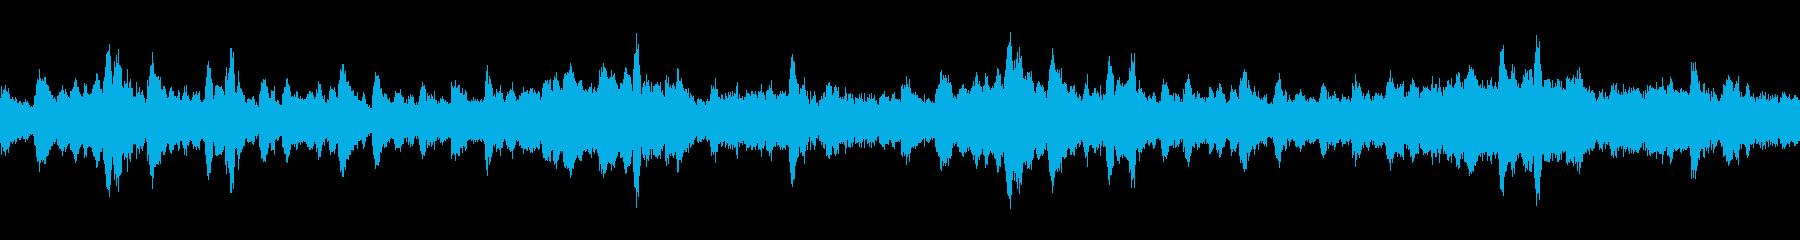 現代的 交響曲 エレクトロ アクテ...の再生済みの波形